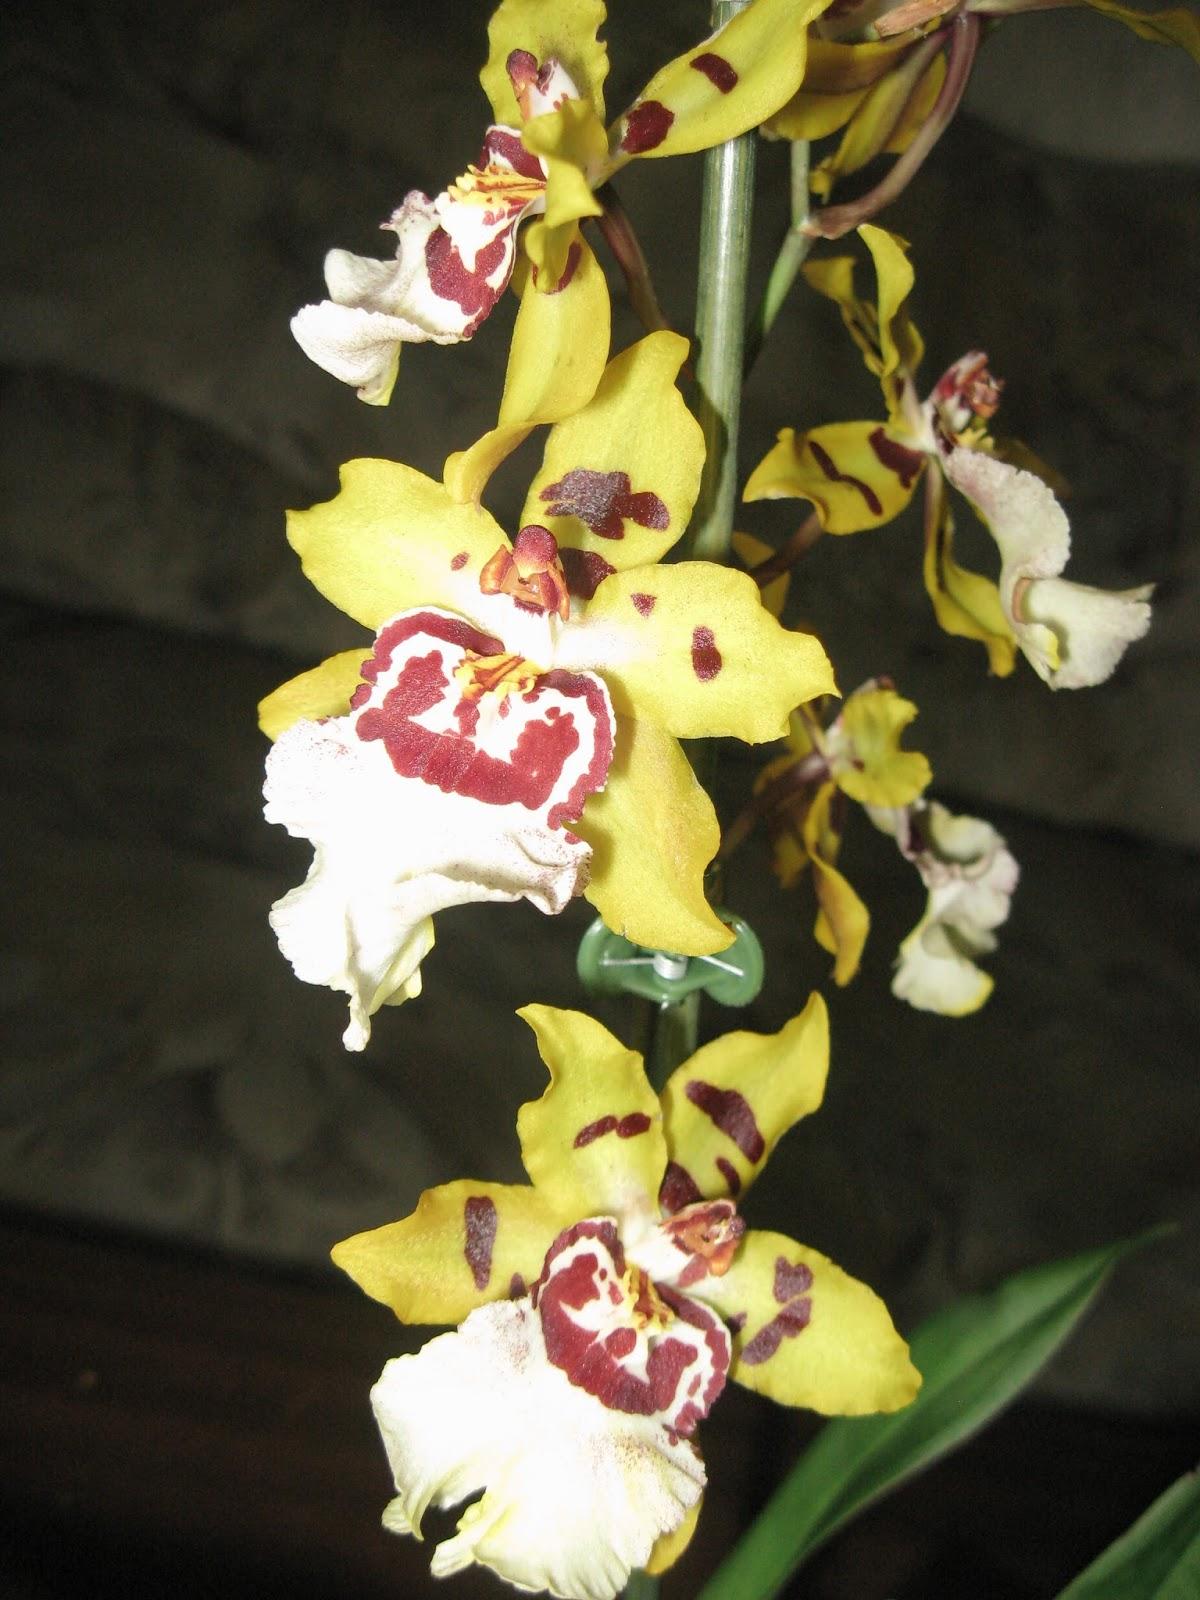 Цветы орхидеи камбрия желтого цвета